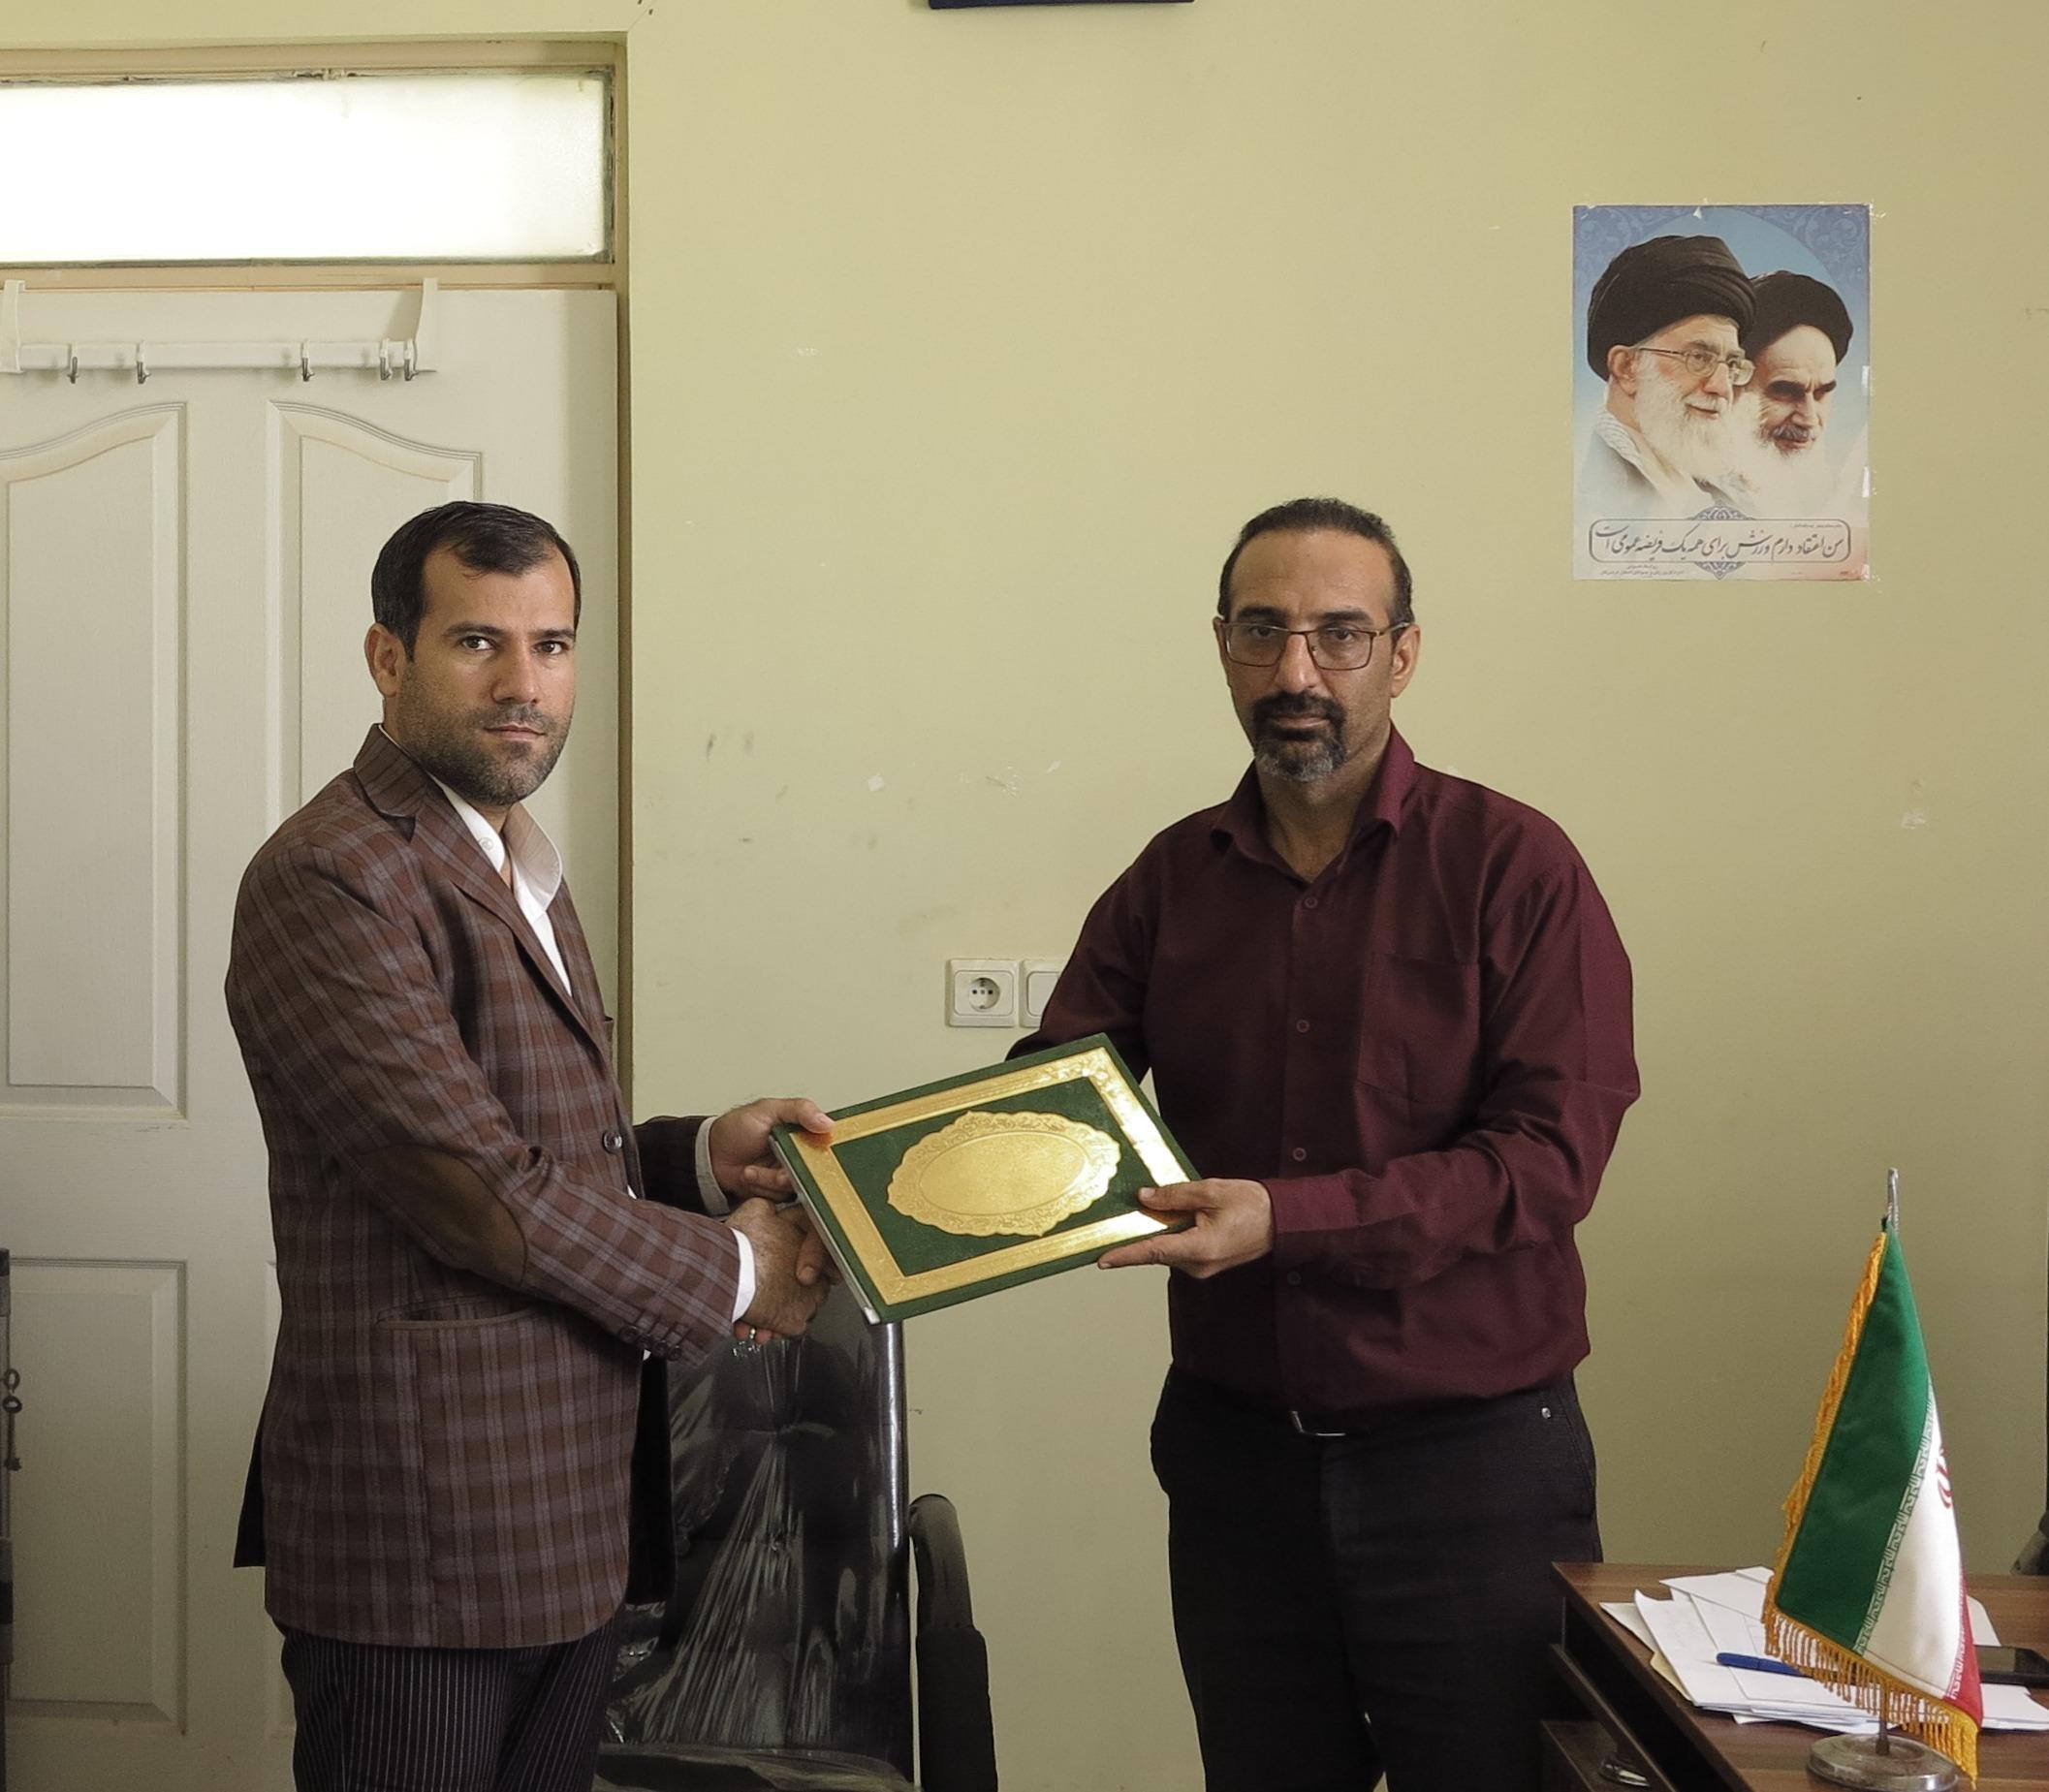 رئیس دانشگاه پیام نور ابوموسی مسول هیئت پینگ پنگ شهرستان شد